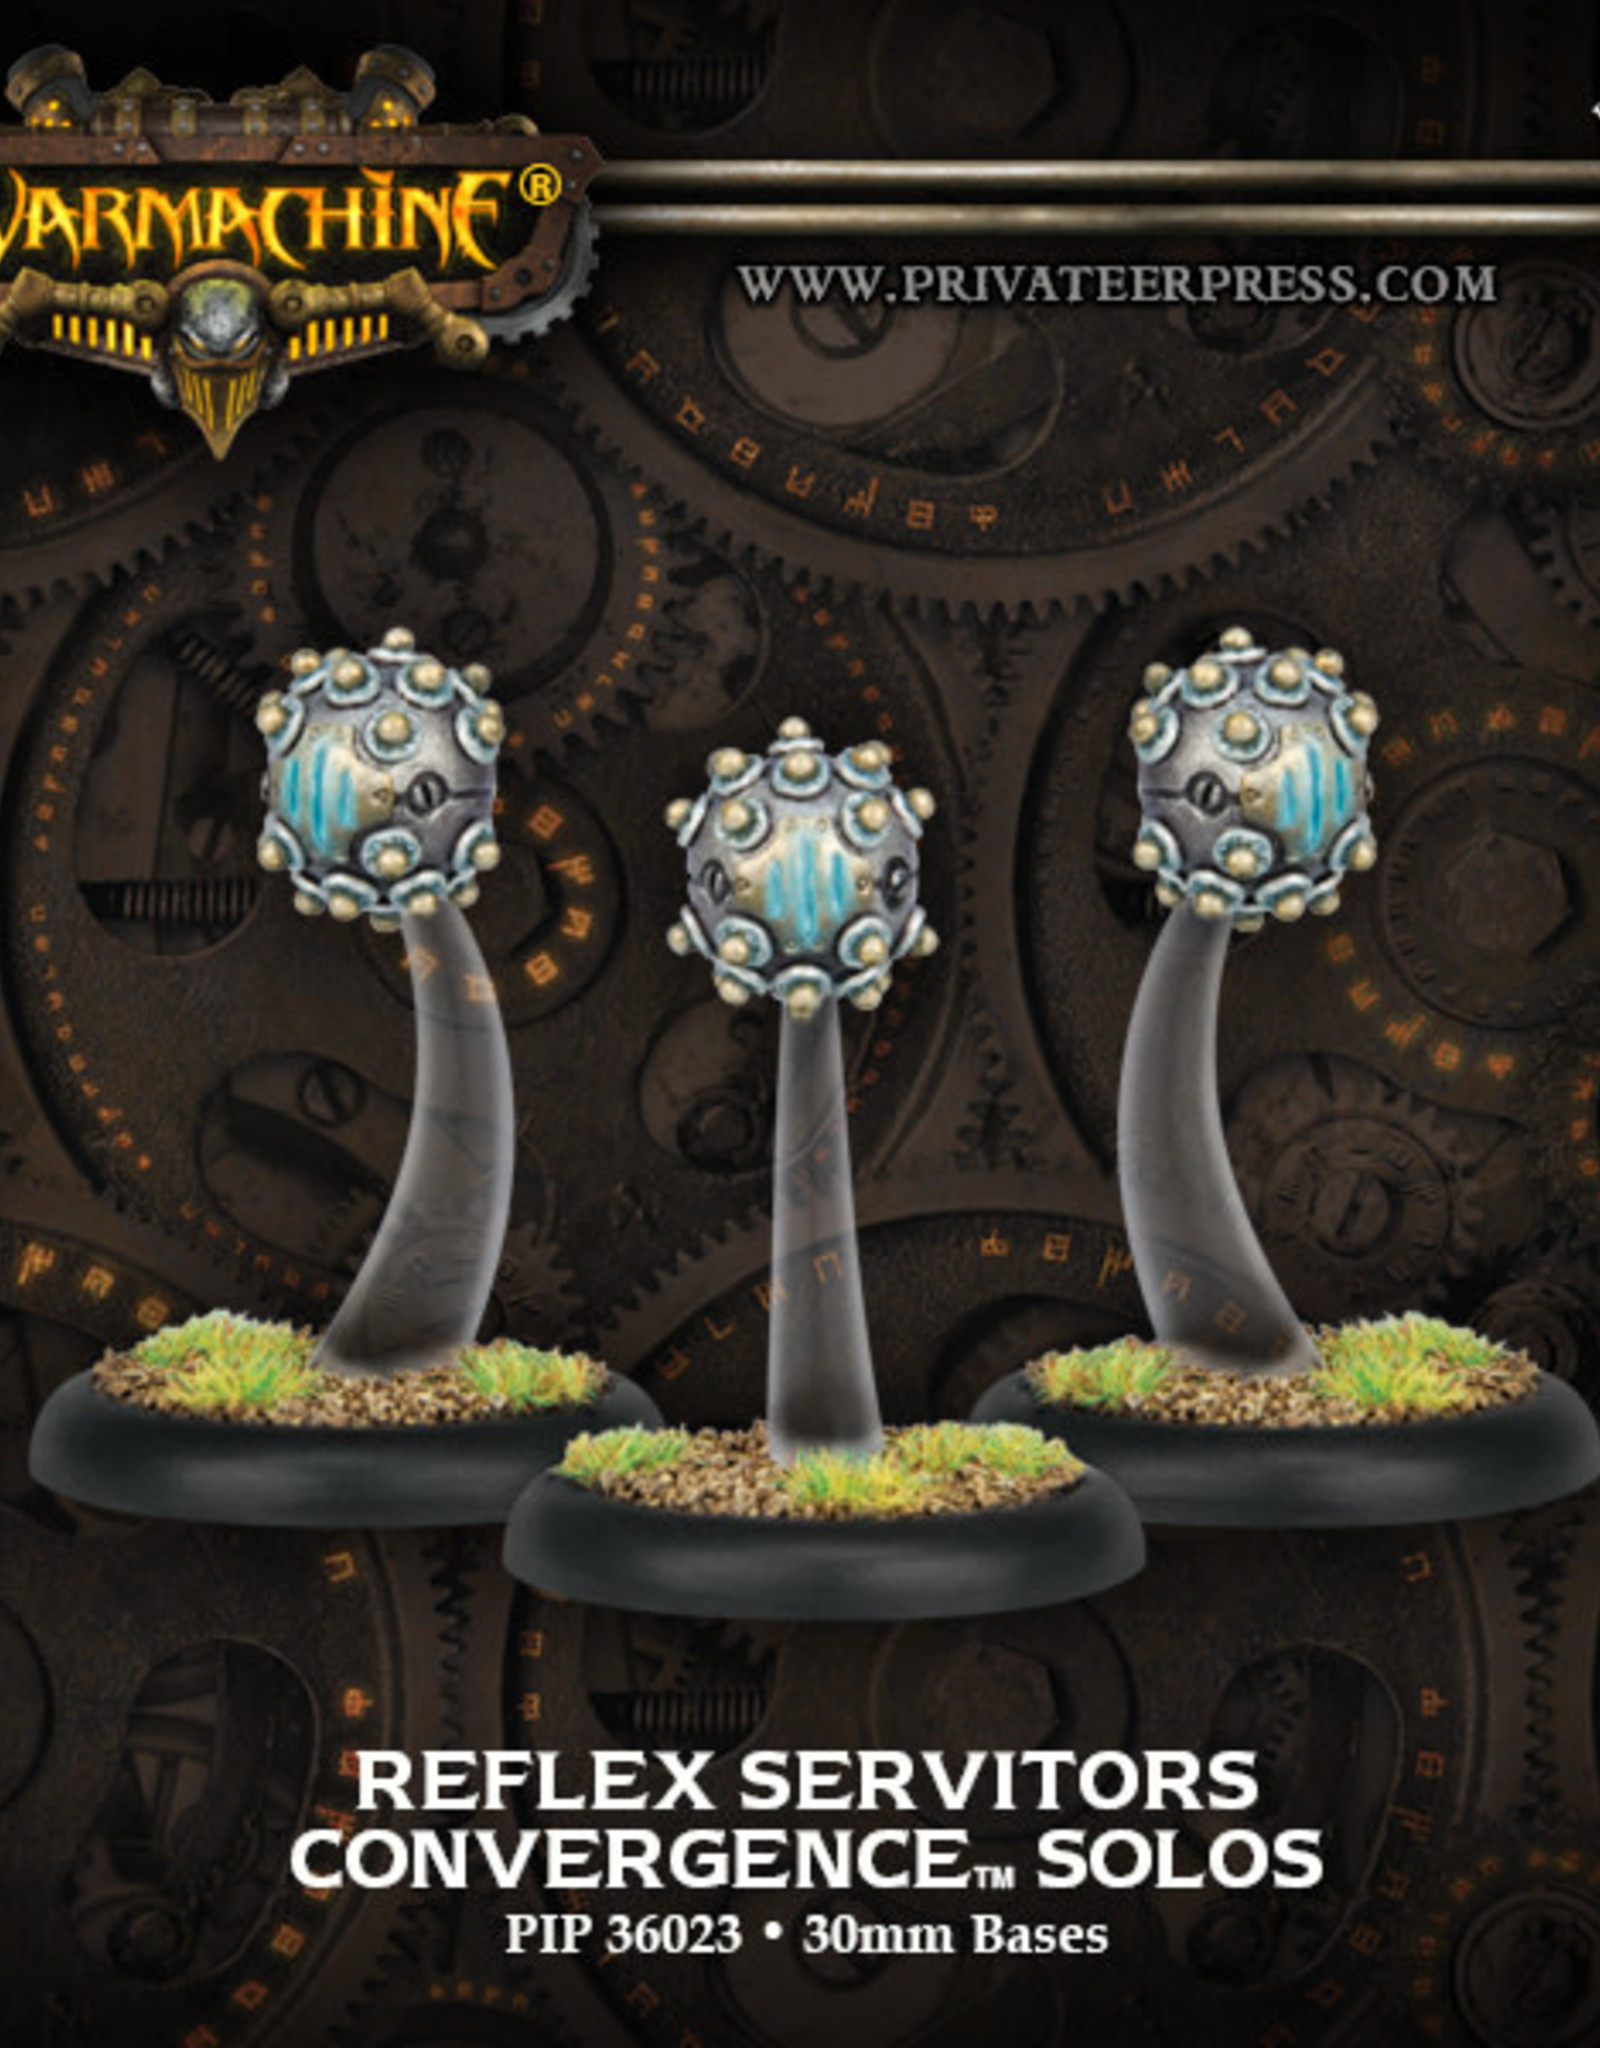 Warmachine Cyriss - Reflex Servitors